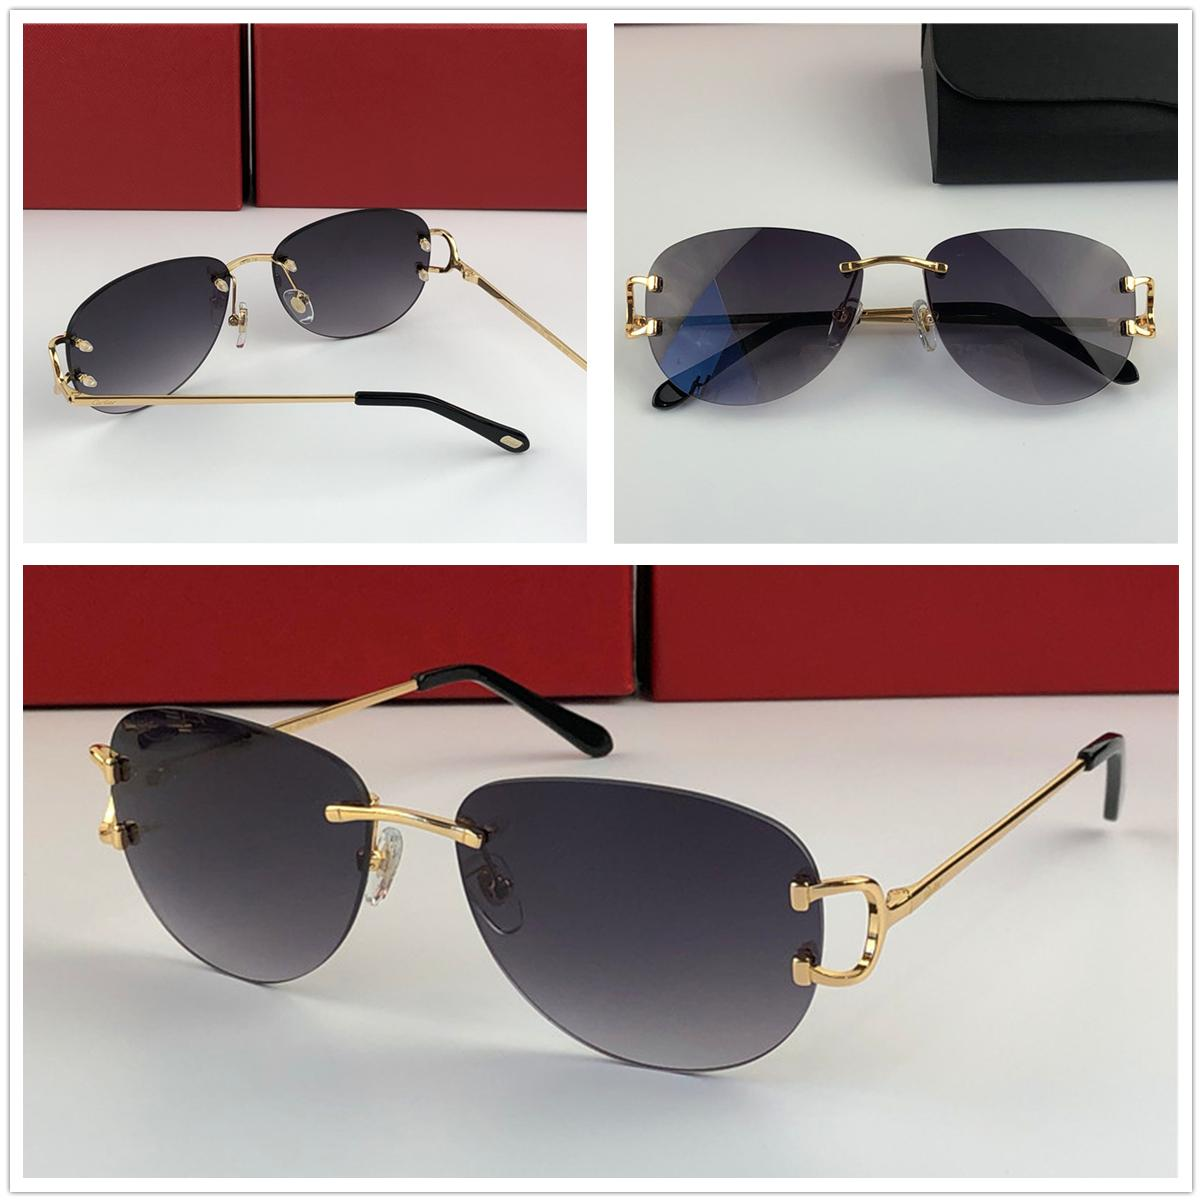 الرجال فاخر مصمم إطار نظارات شمسية في الهواء الطلق موضة النظارات الشمسية النظارات Men3456631Frameless طيار الصغيرة ريترو الحديثة الطلائع التصميم